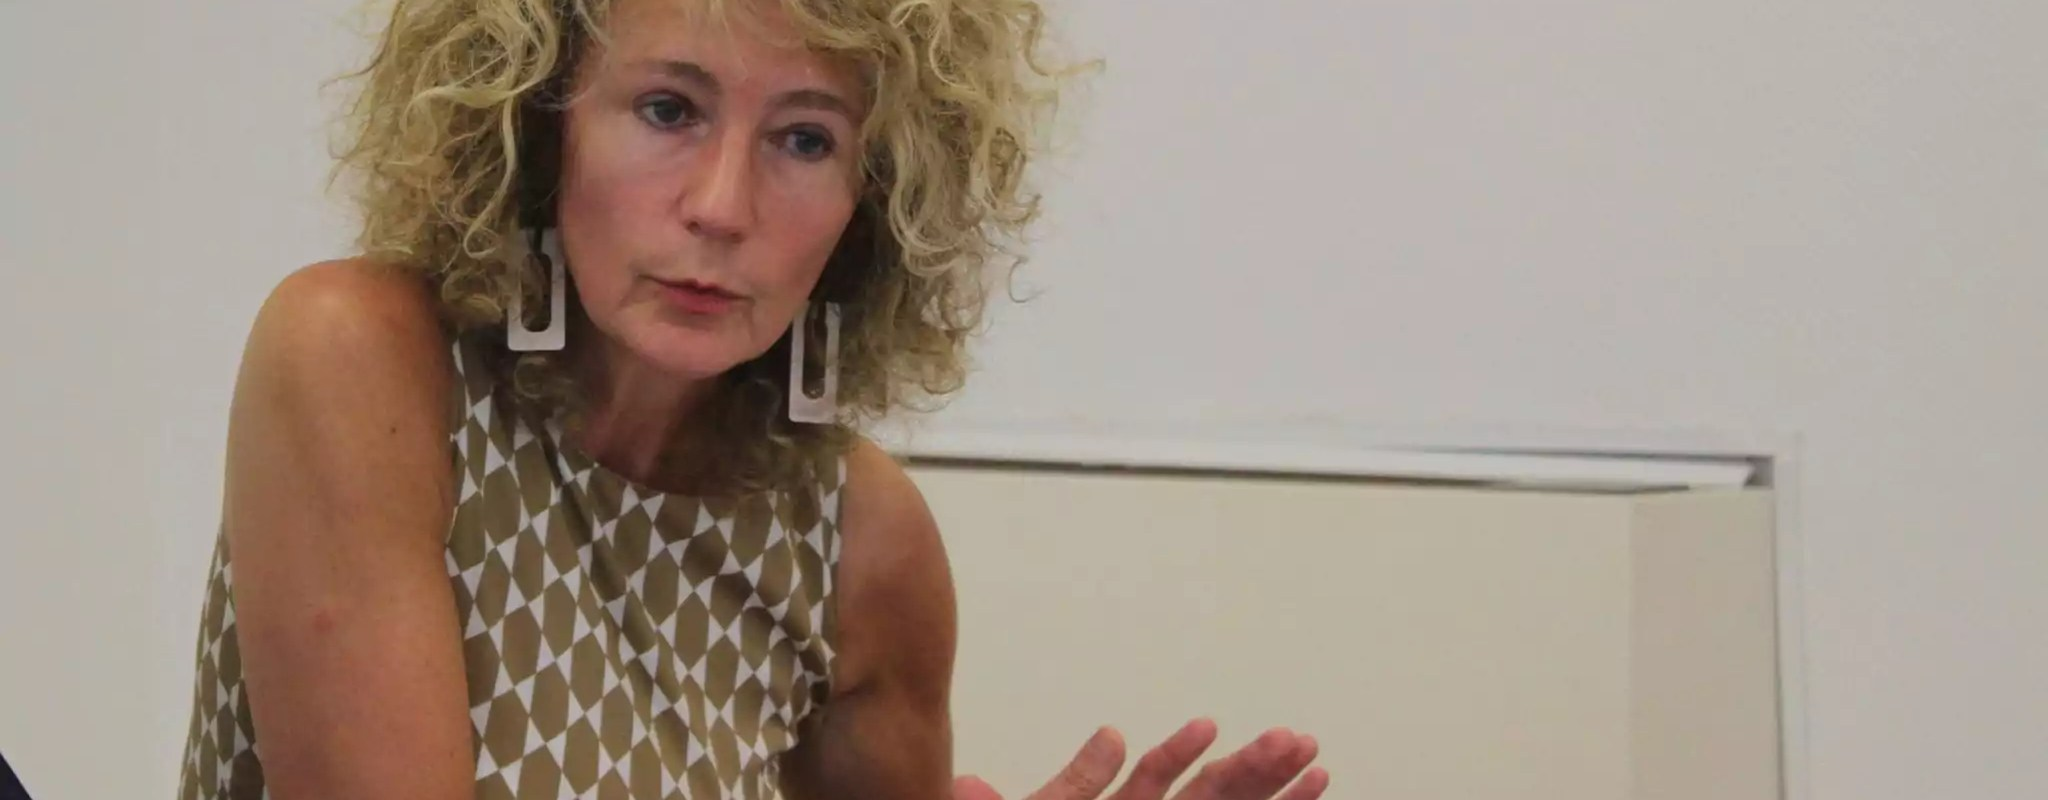 Martine Wonner, une députée sous influence complotiste